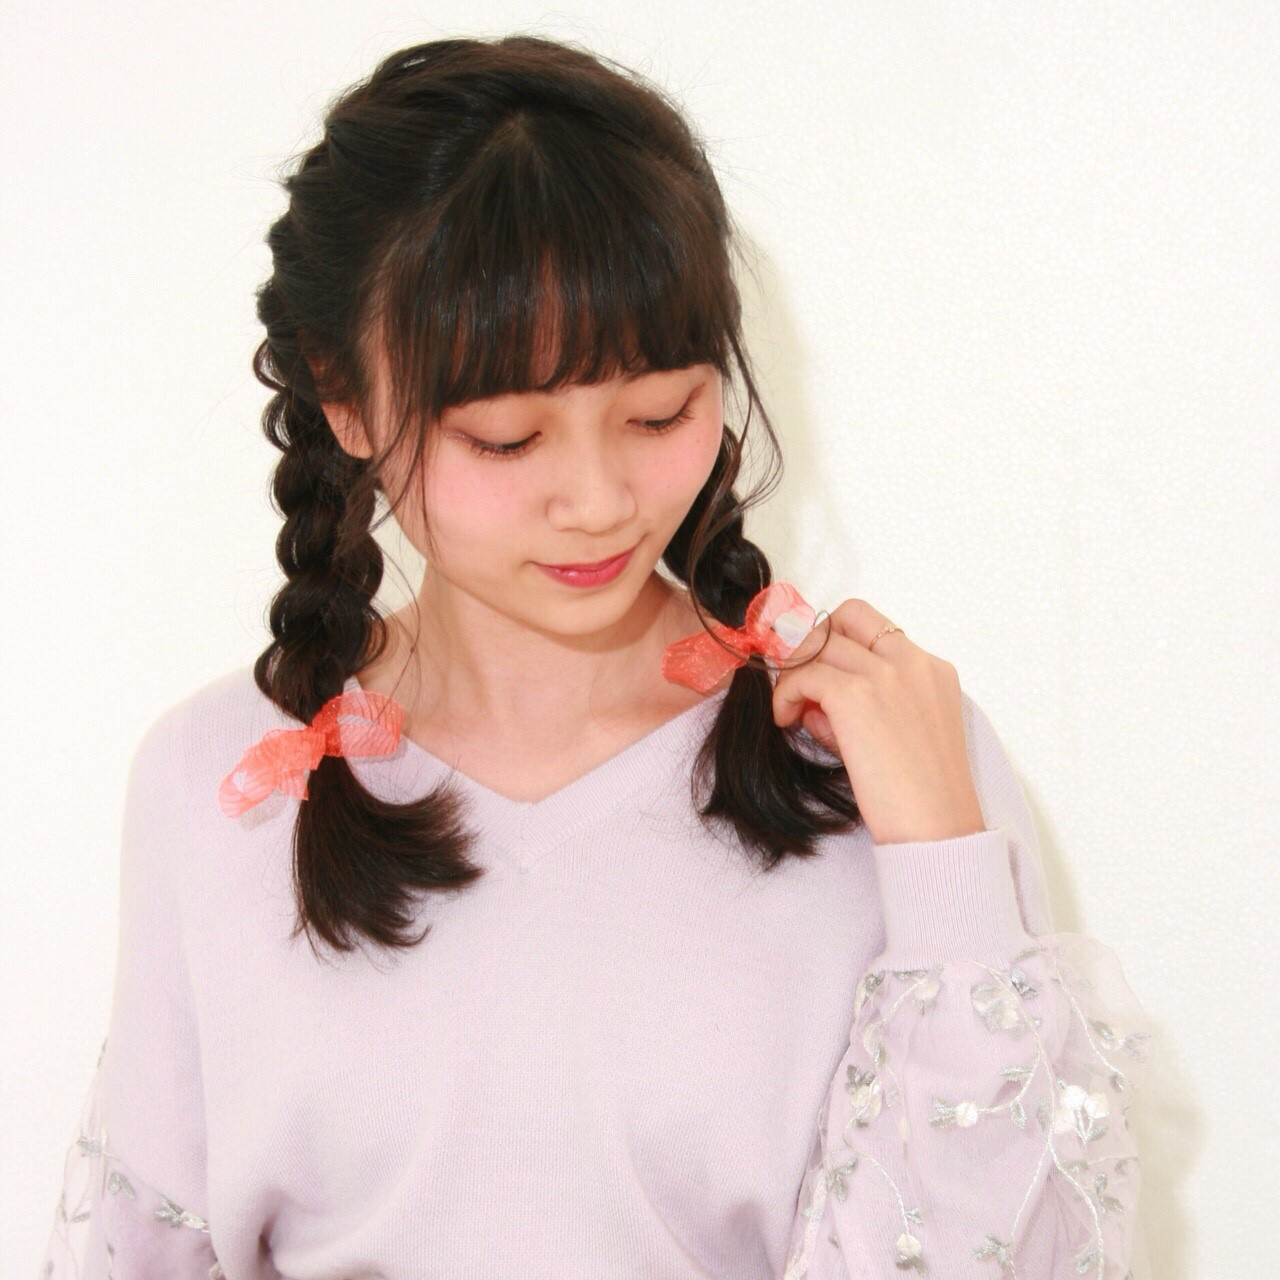 三つ編み&編み込みで大人可愛いスタイルに Aoki Haruka